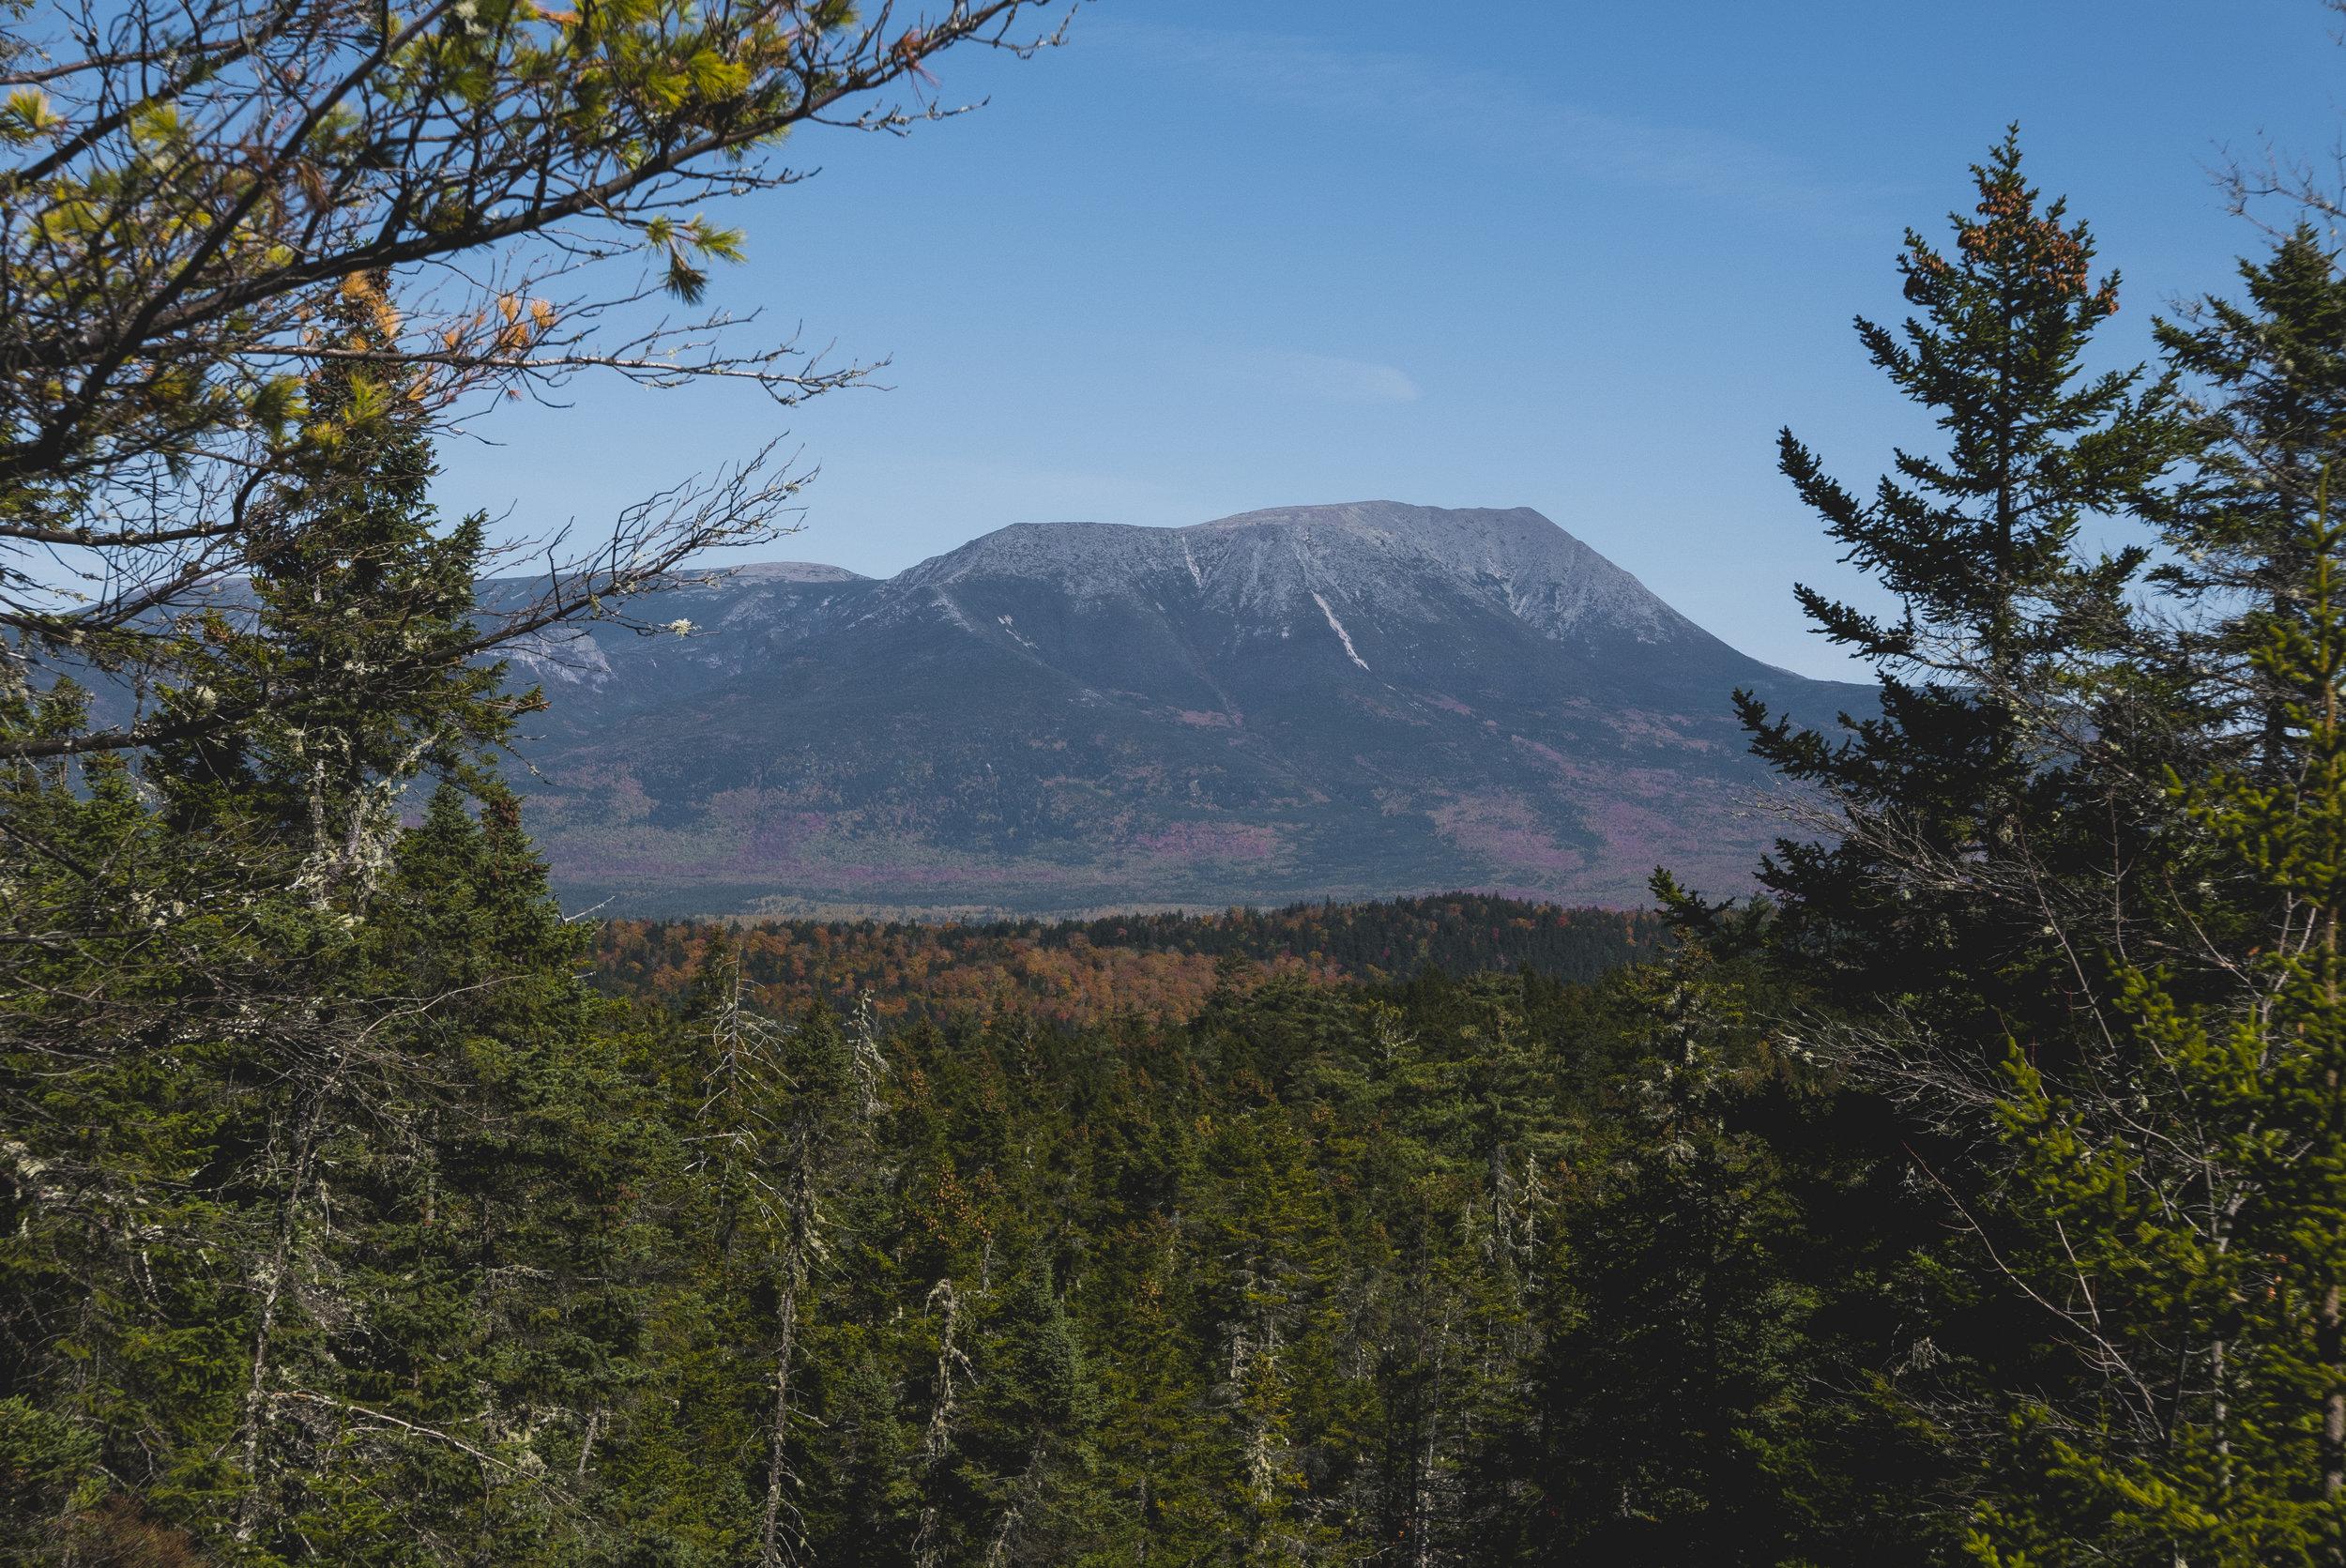 AT-WhiteMtns-Maine-320.jpg